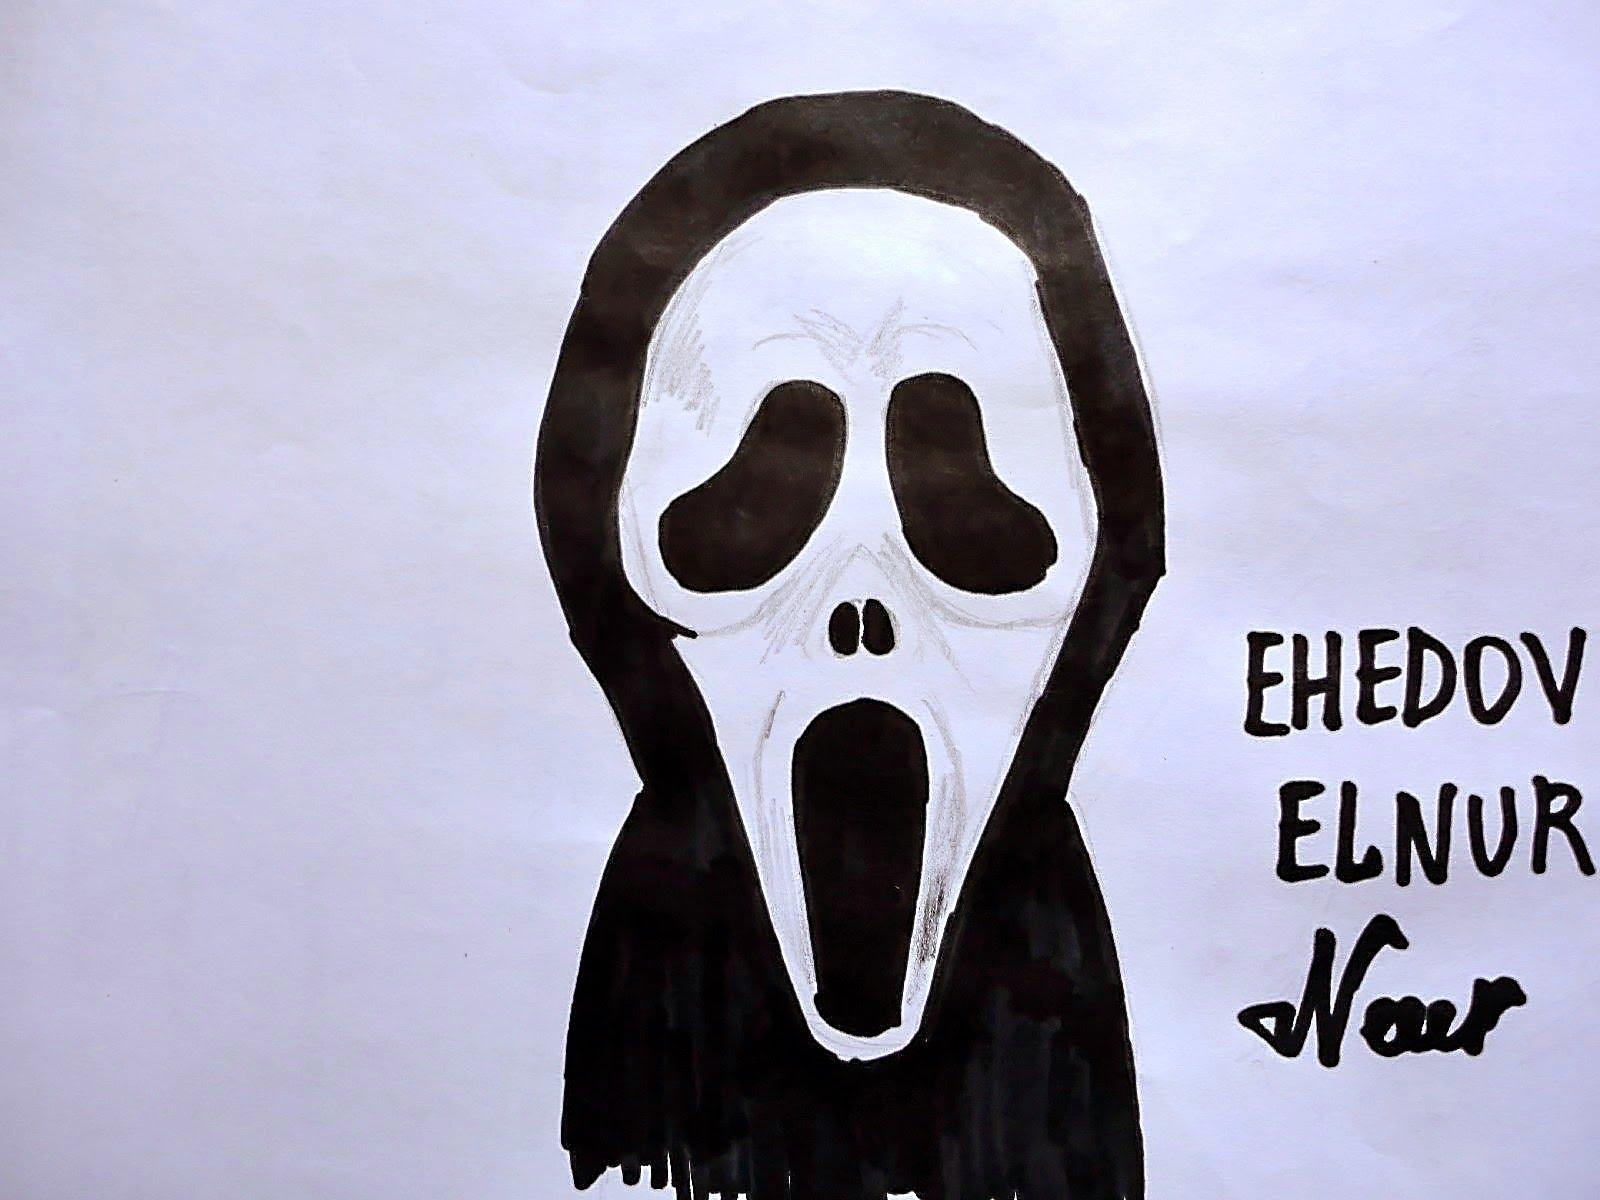 1600x1200 How To Draw Scream Mask (Ehedov Elnur)